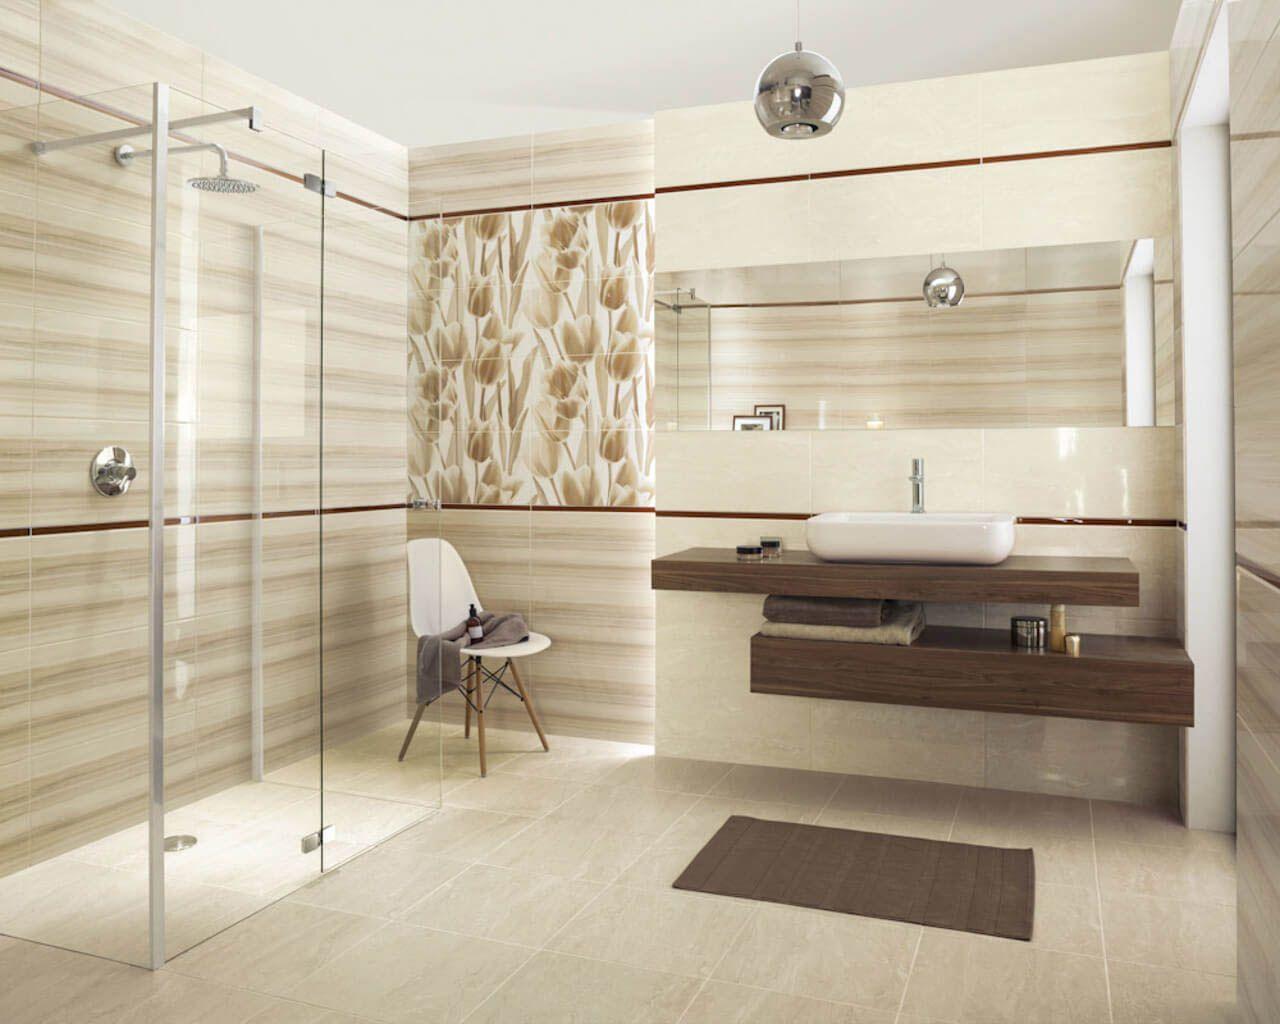 Coralinecoral Brązowe Białe I Beżowe Płytki łazienkowe